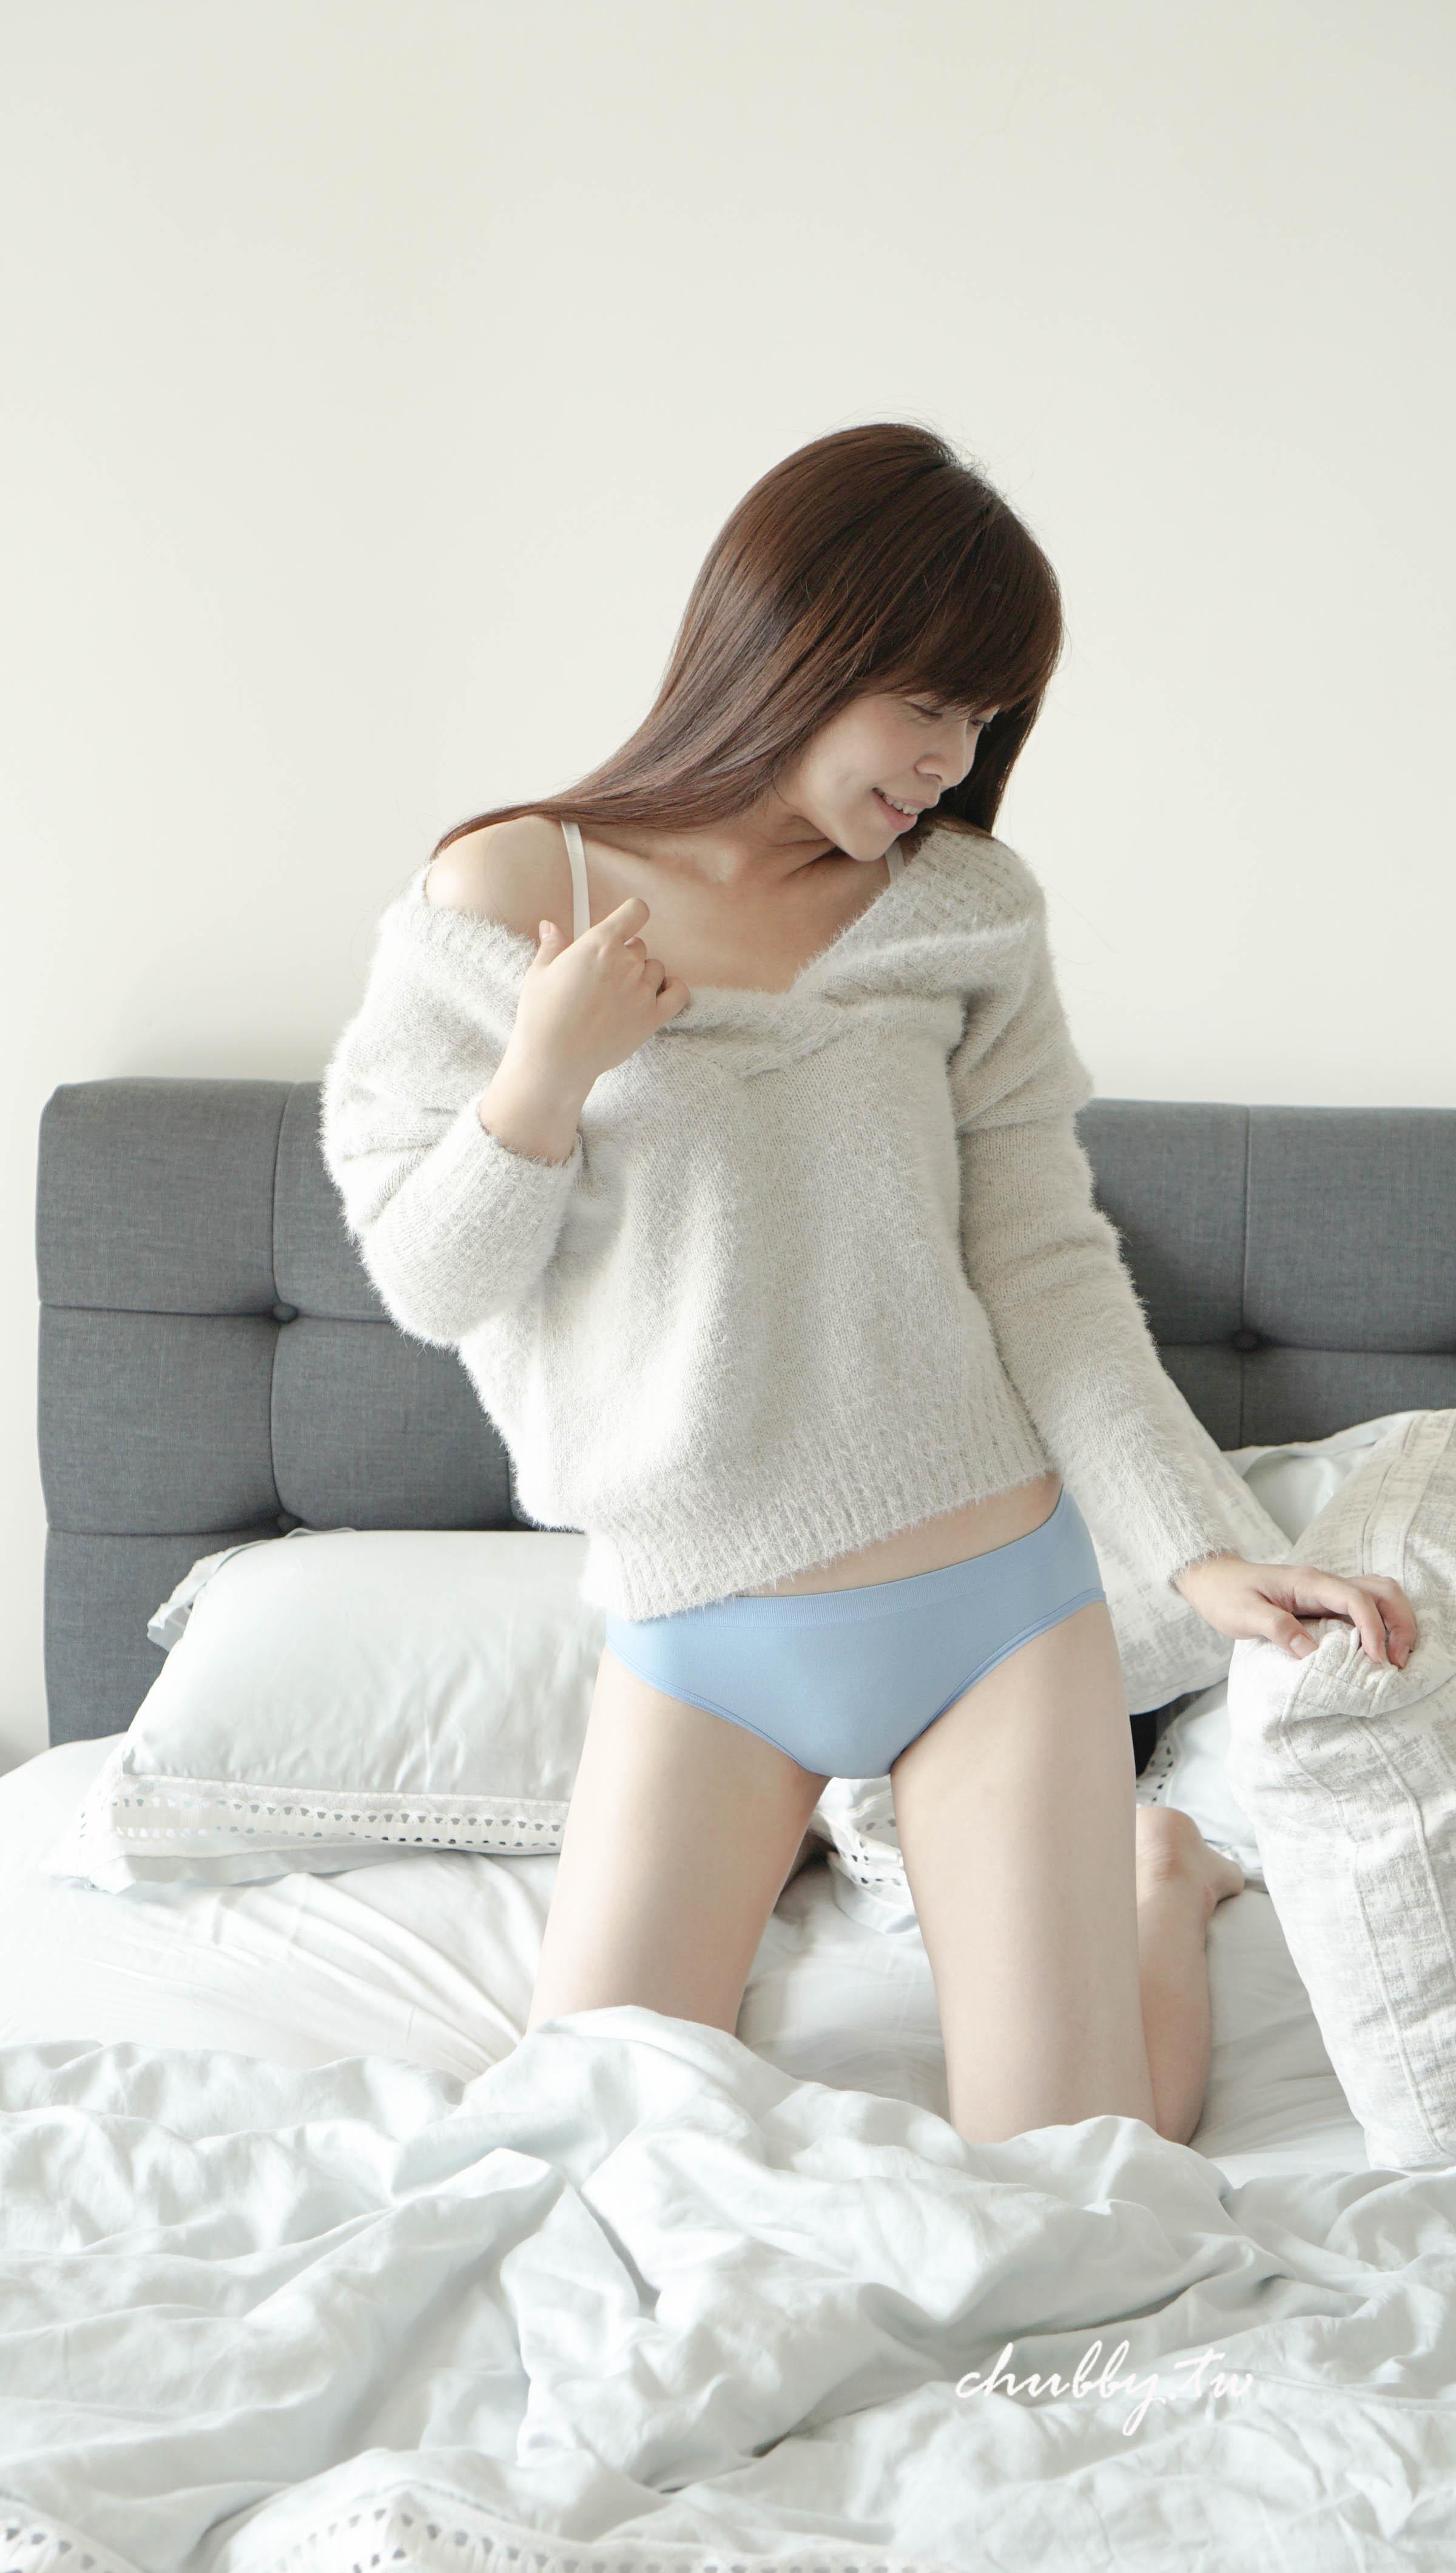 瑪榭無縫抗菌內褲試用報告:內褲界的杜蕾絲,貼身不擠肉、用過就回不去!業界首創內褲28天鑑賞期